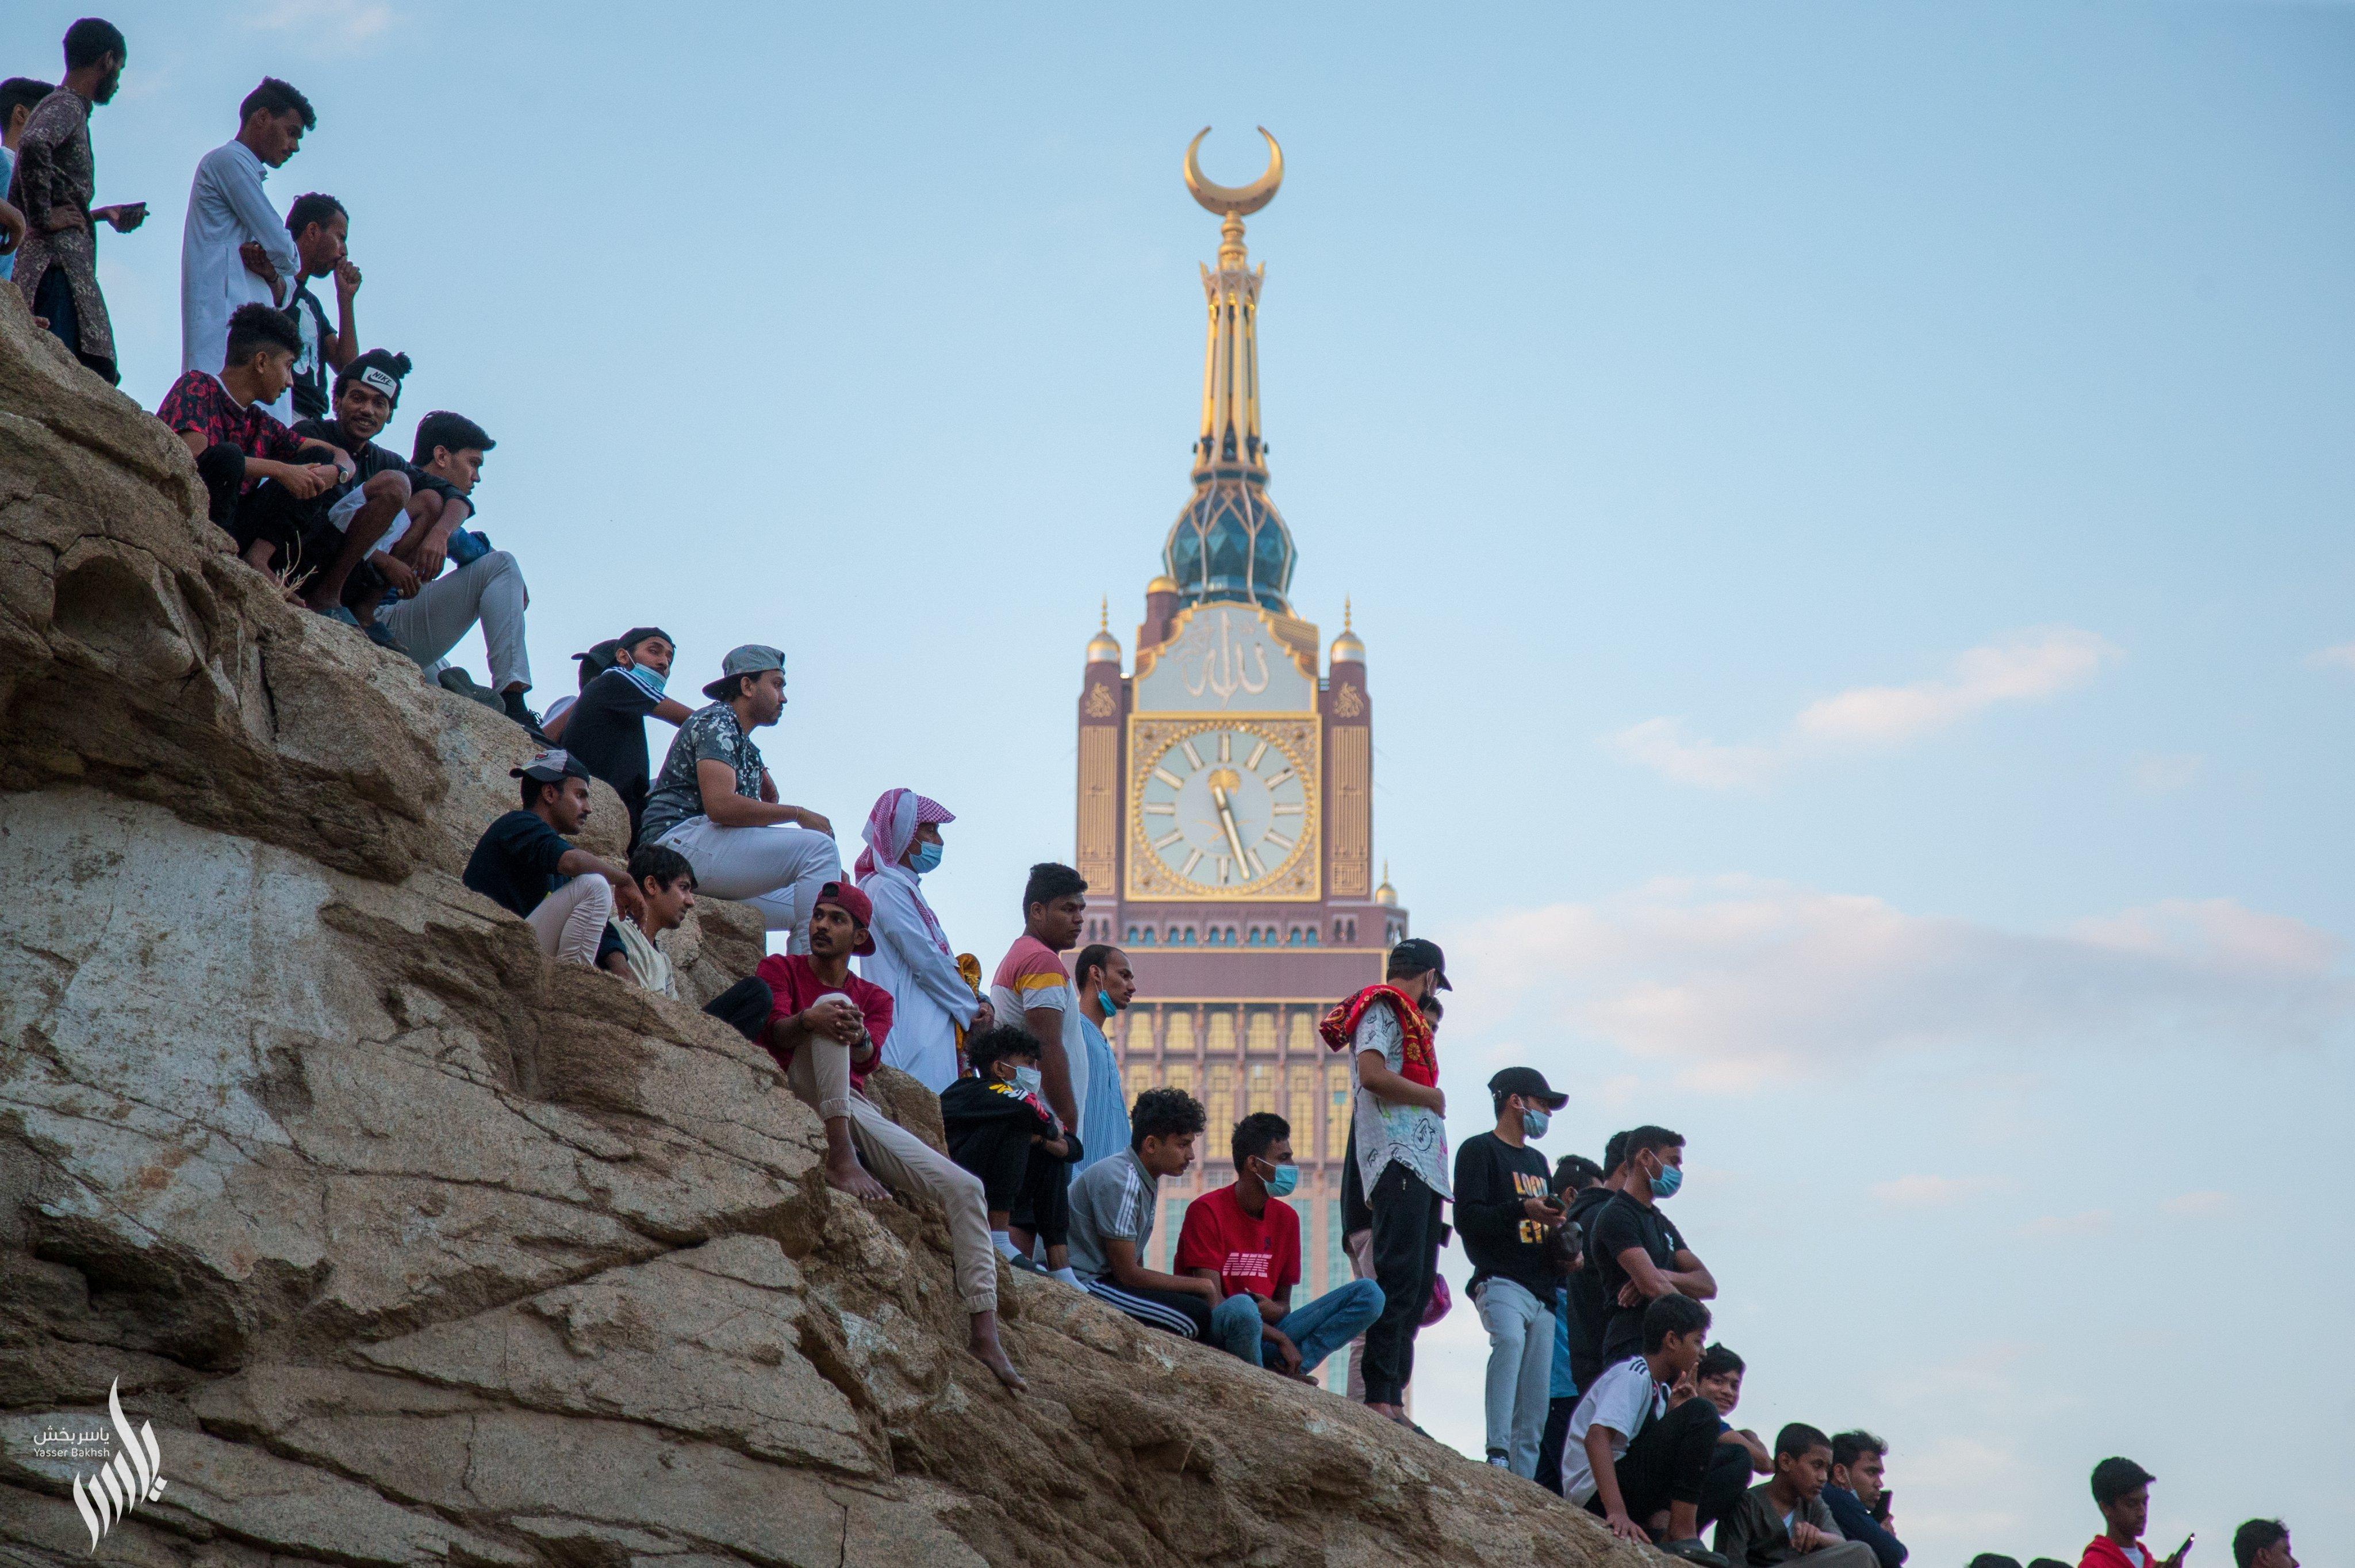 برج الساعة يظهر فى خلفية المشجعين